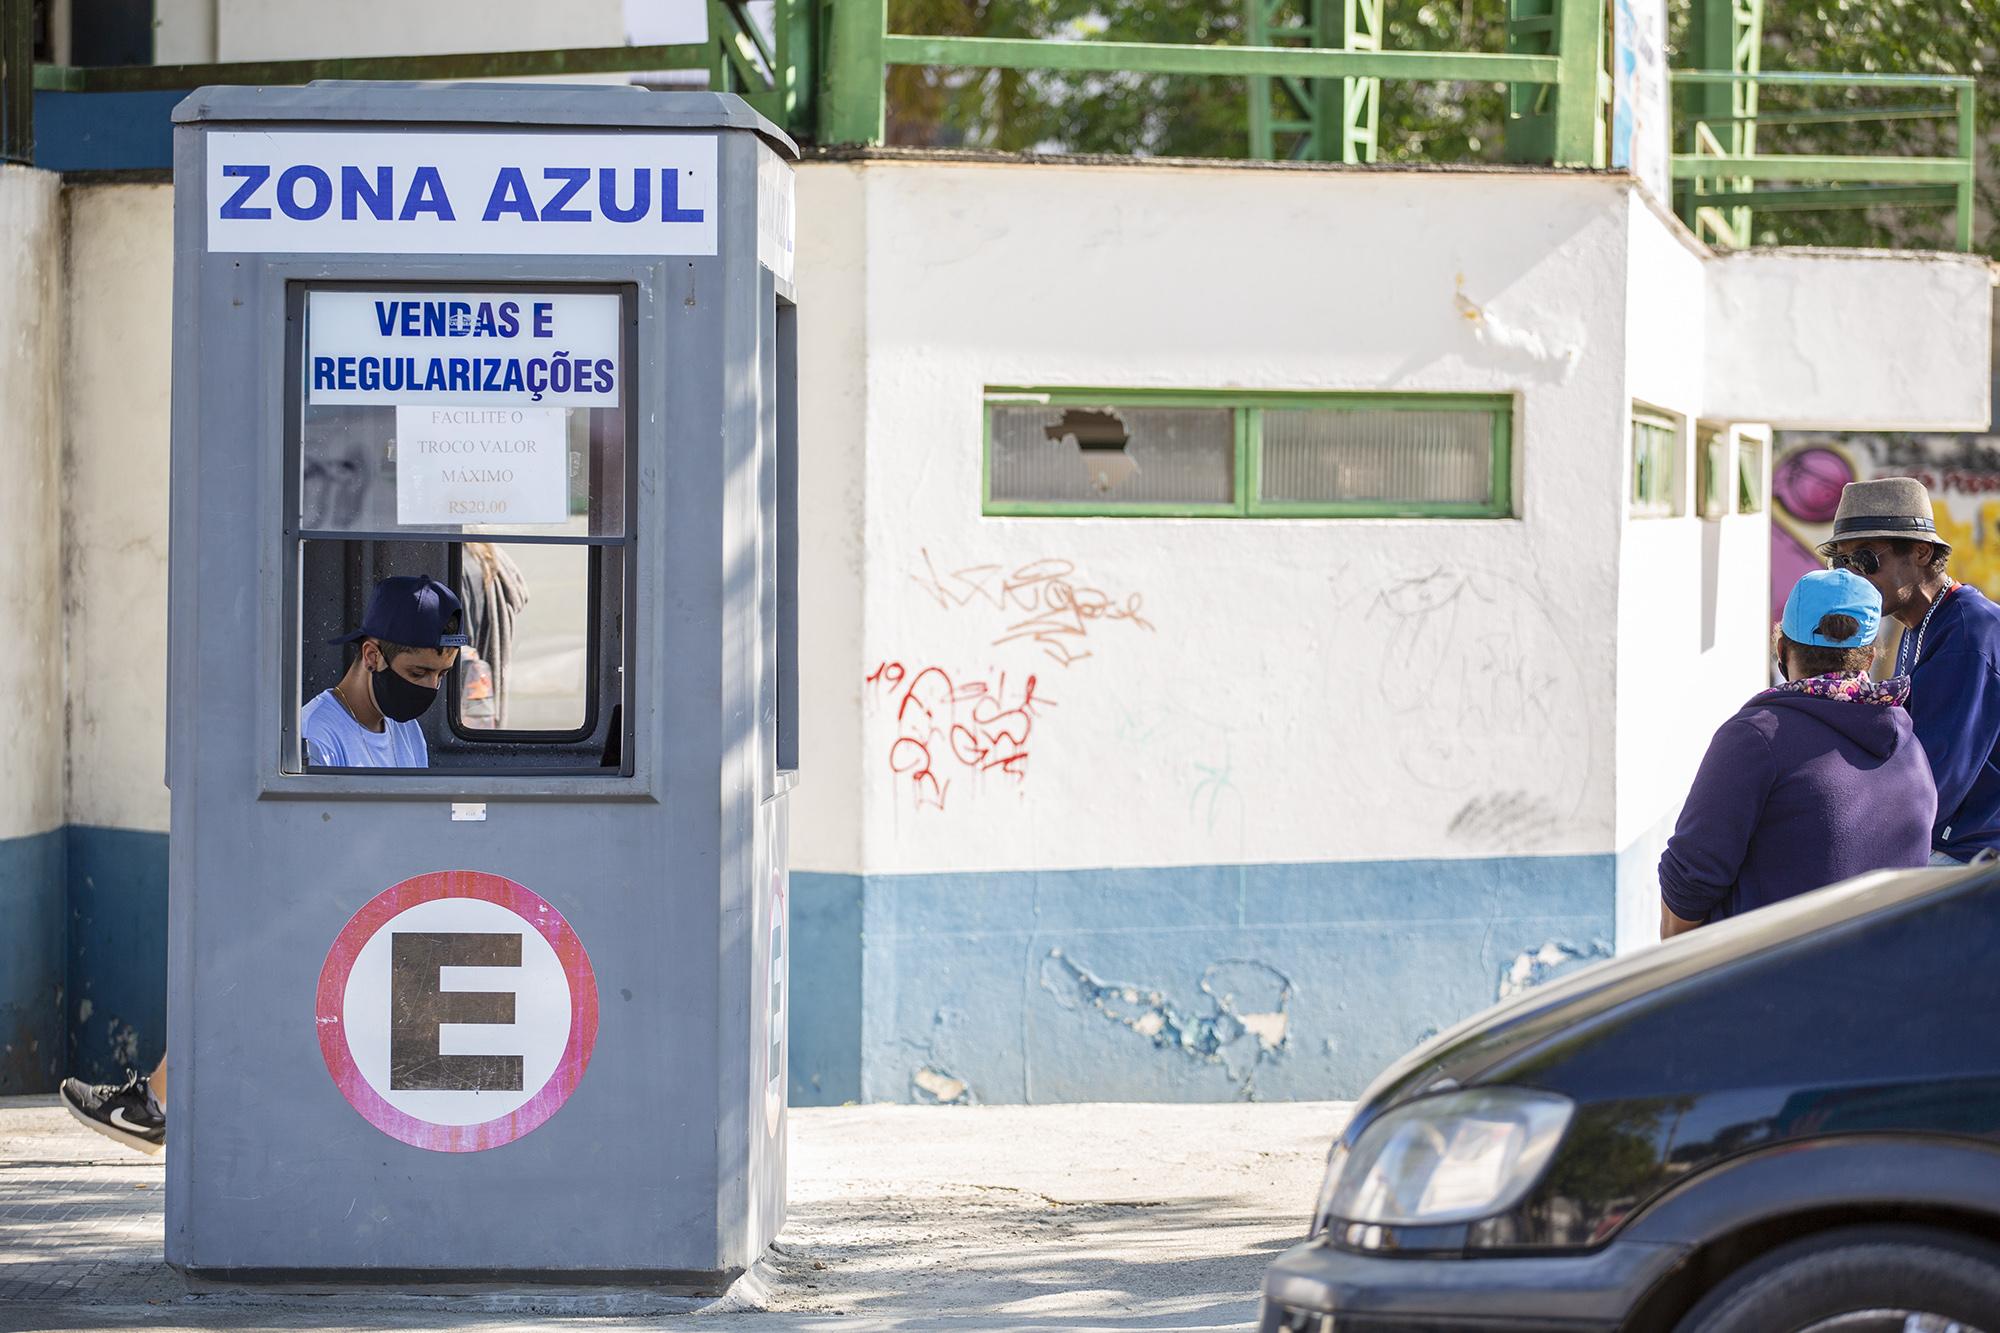 Settrans instala cabine de pagamento e regularização de zona azul em Caucaia do Alto